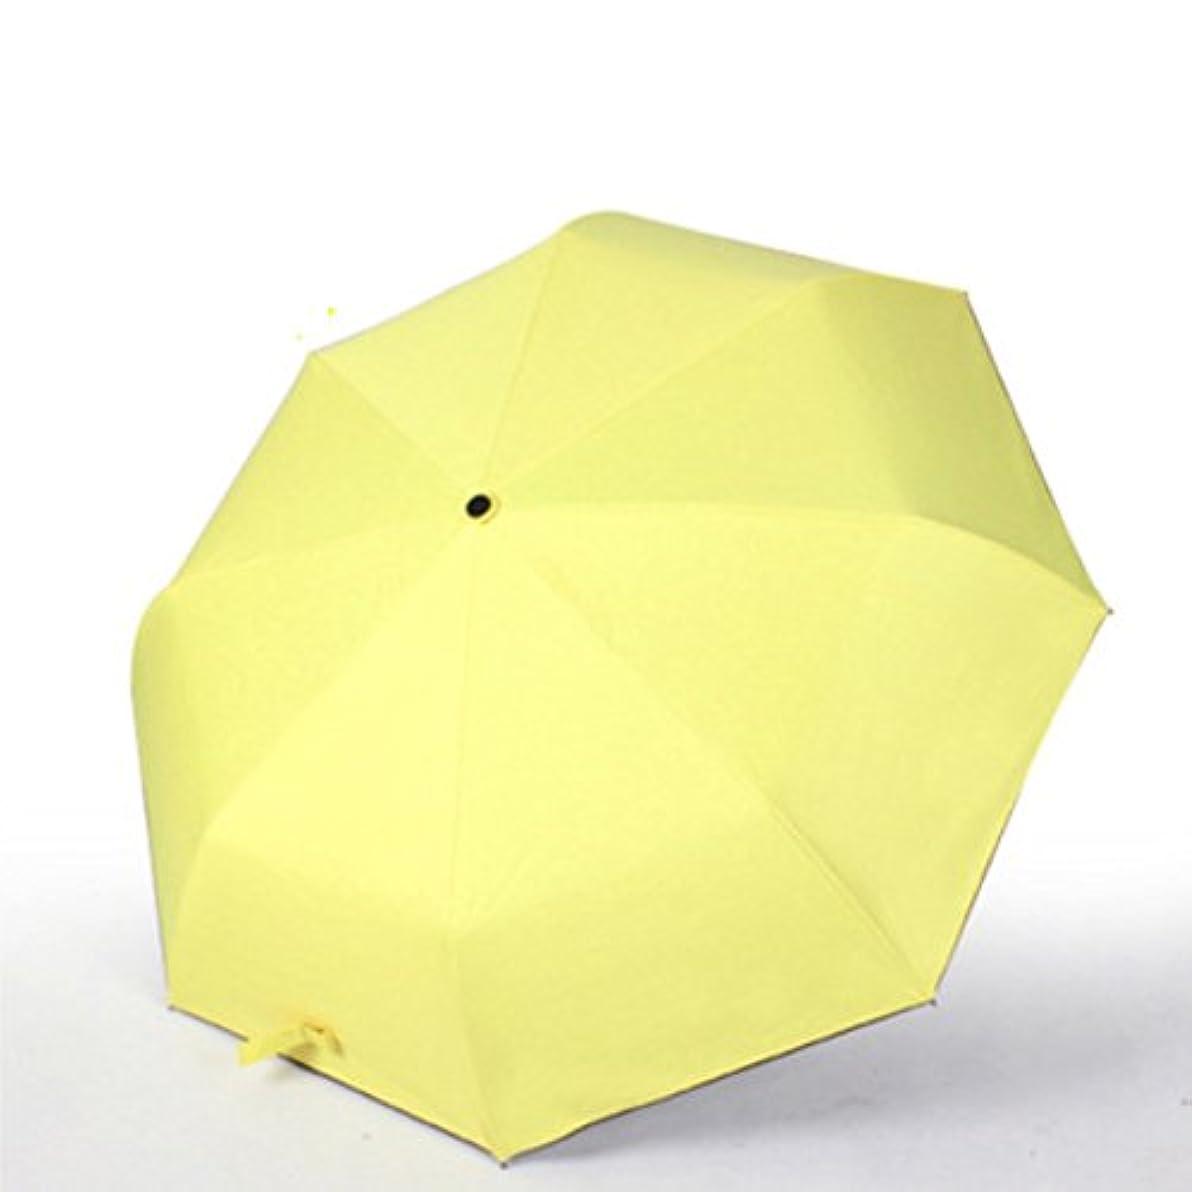 敬意畝間関係する折り畳み傘 日傘 UVカット レディース 晴雨兼用 超遮光 紫外線カット 遮熱 涼しい 丈夫 耐風撥水 (イエロー)